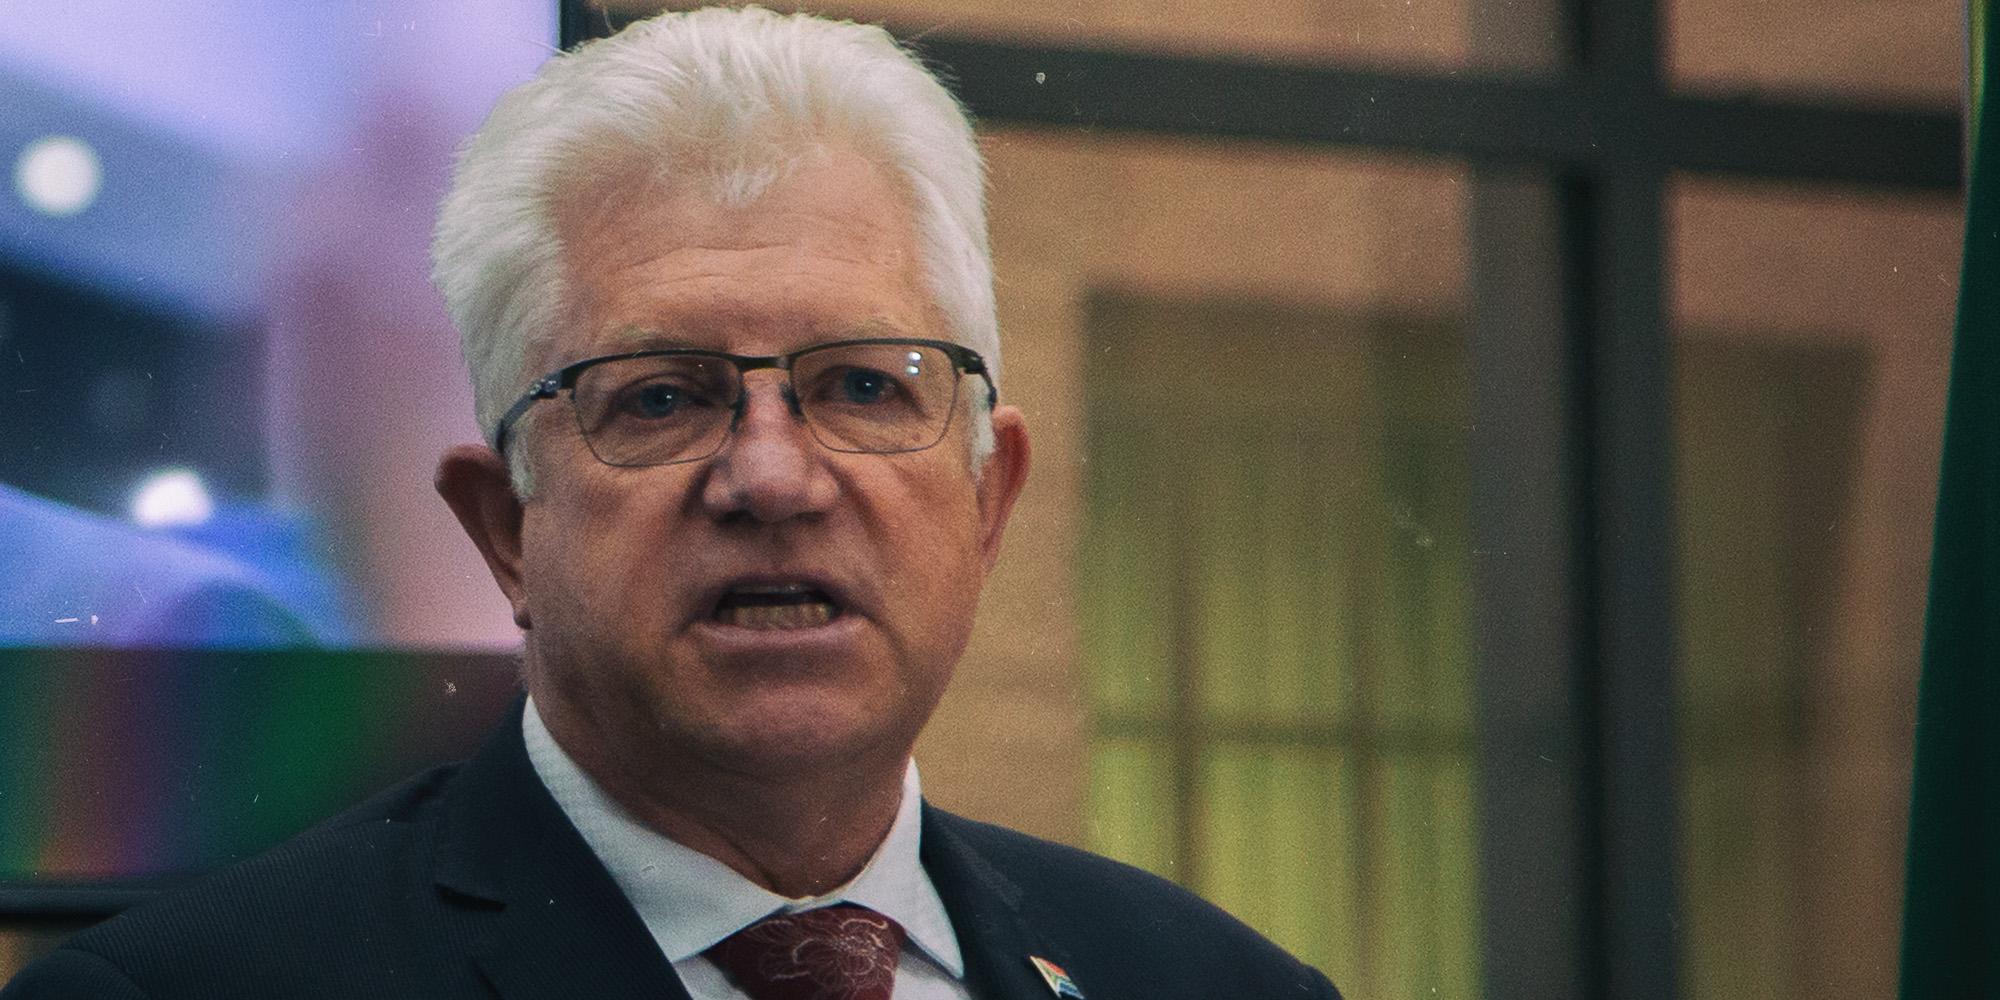 Die Wes-Kaapse premier skep 'n oorlogskamer vir ekonomie en brei 'n olyftak uit tot opposisie - Daily Maverick